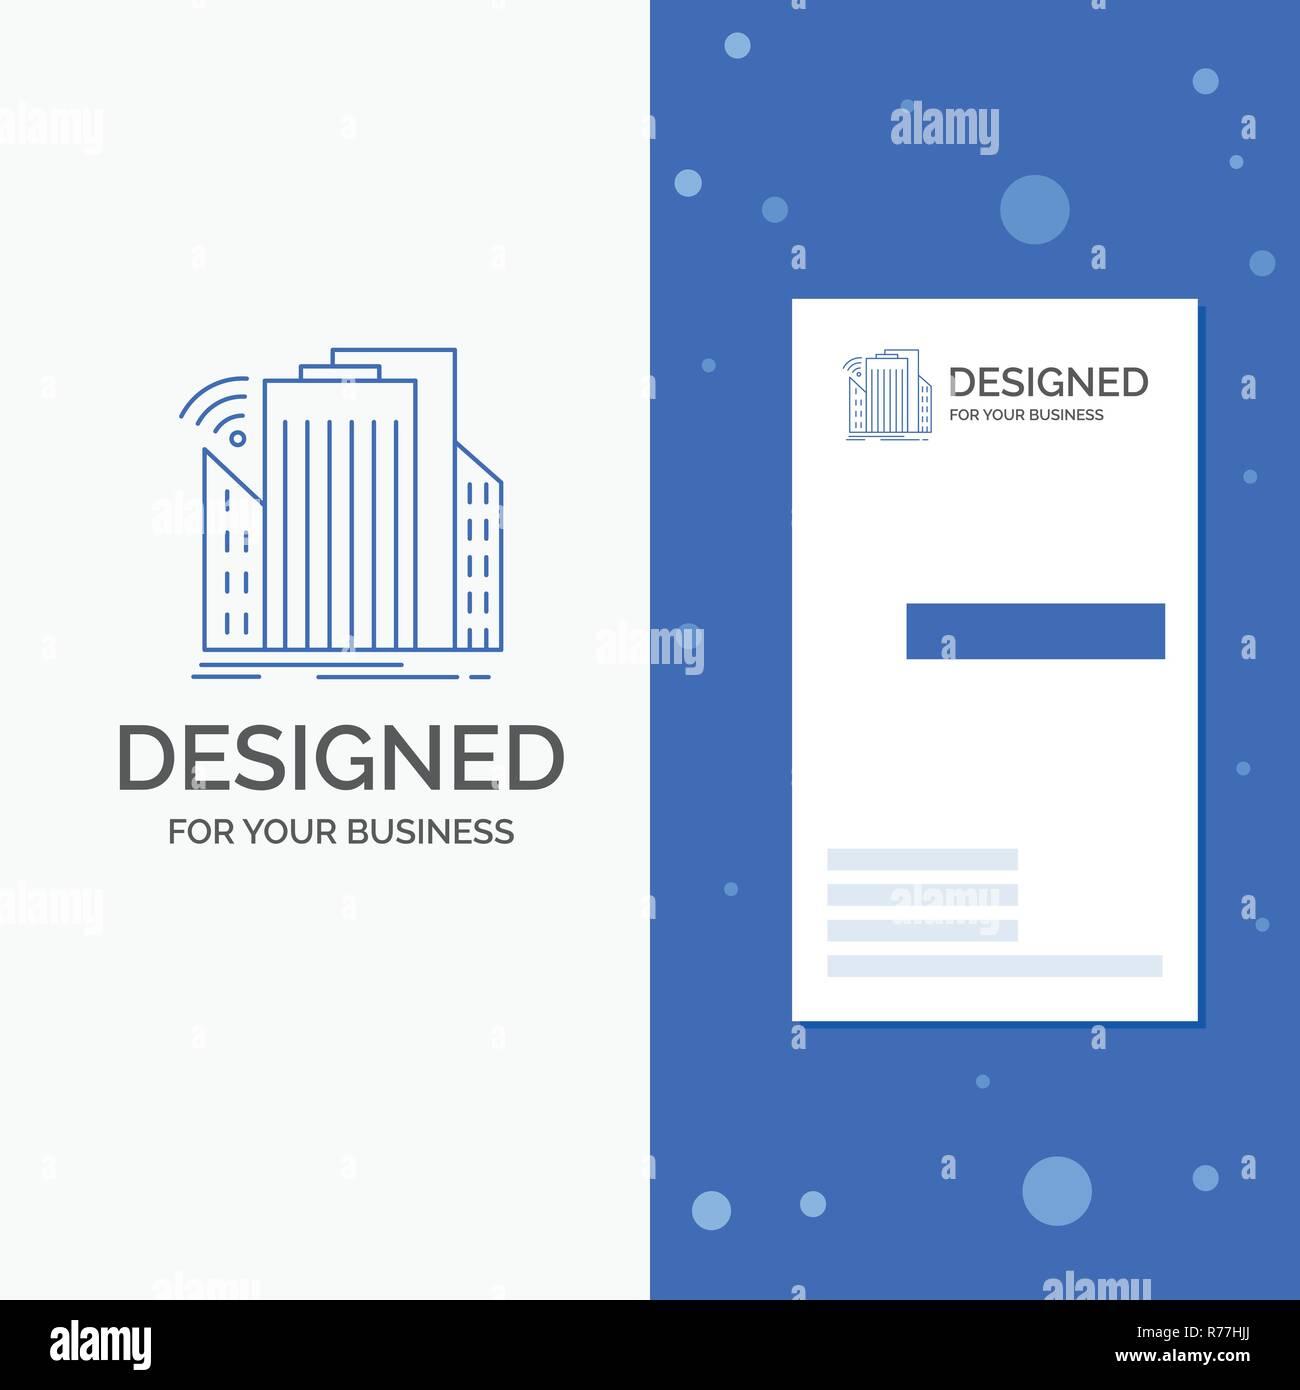 Pour Les Batiments De Logo Dentreprise Ville Capteur Smart Urbain Bleu Vertical Affaires Modele Carte Visite